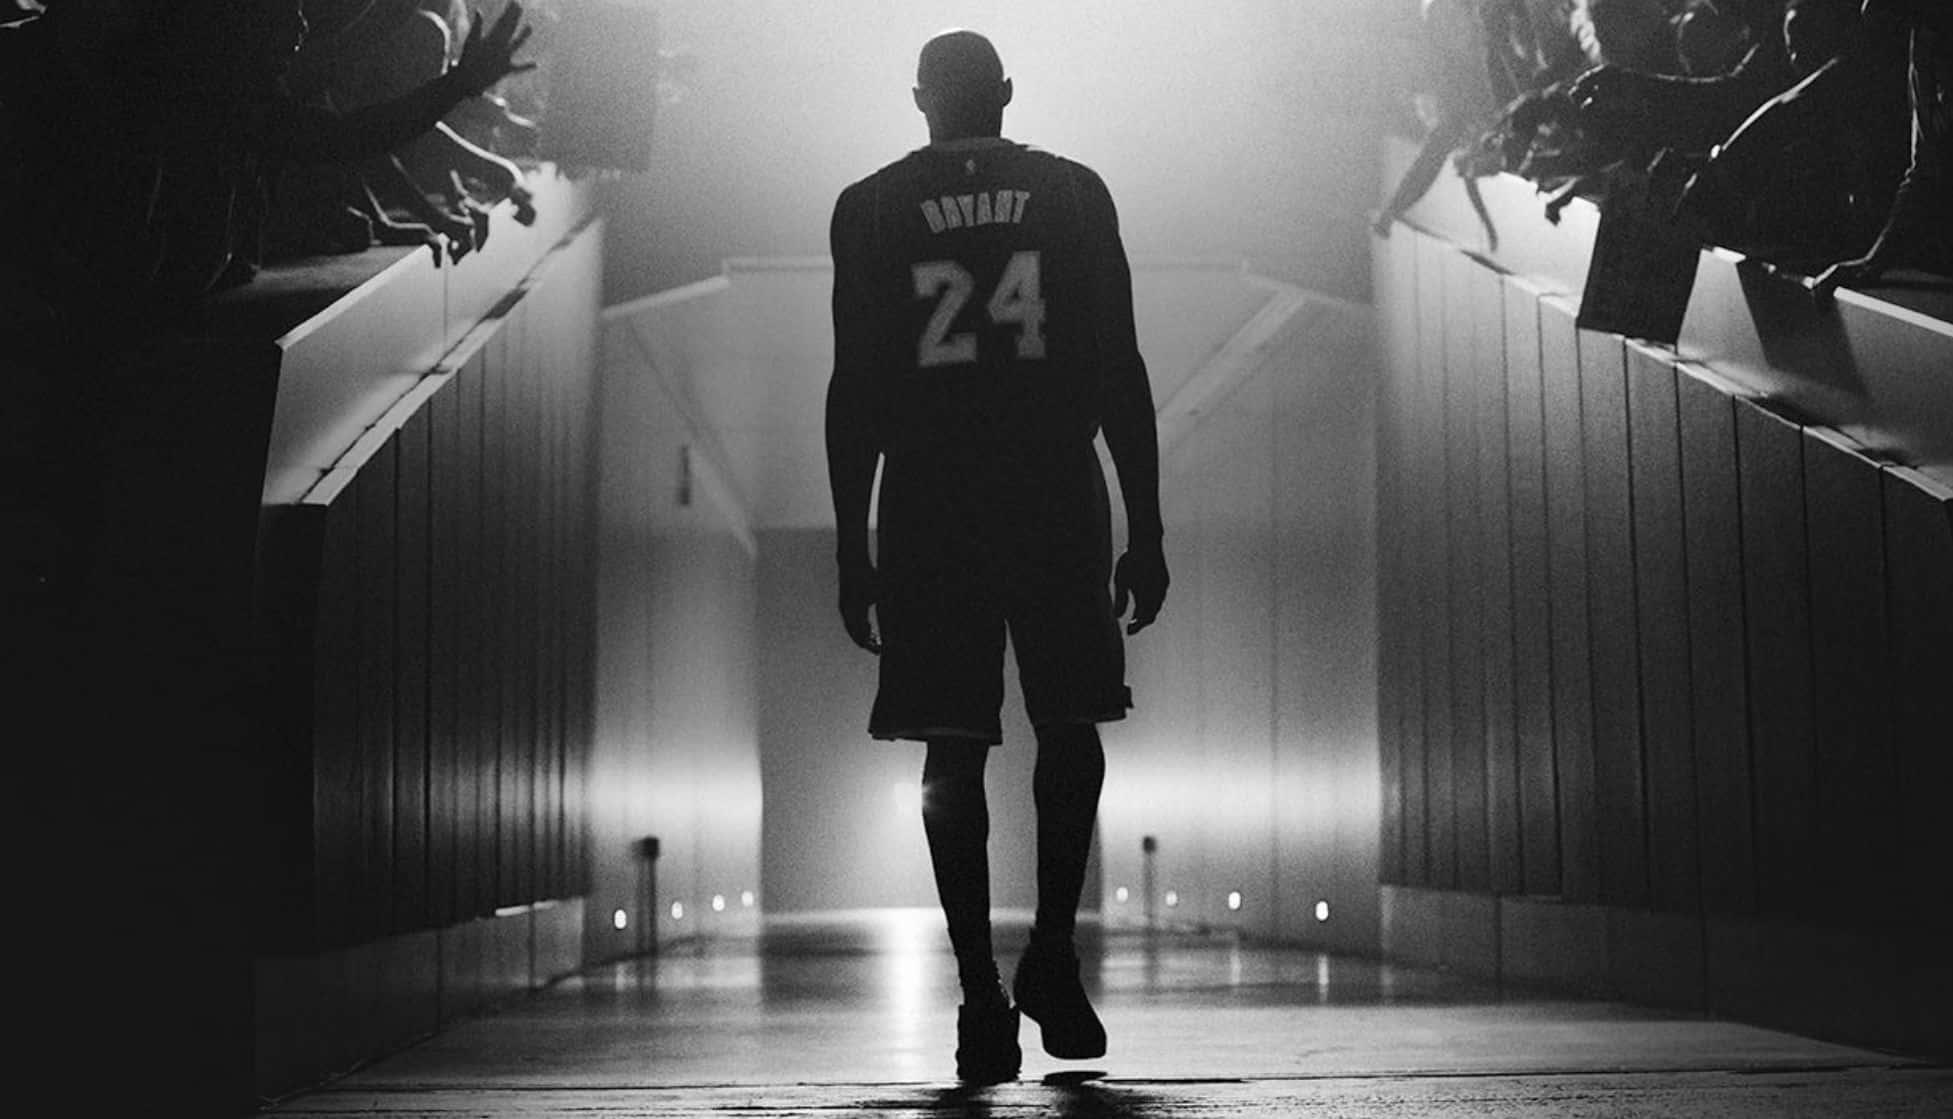 El 250 Ltimo Comercial De Nike Con Kobe Bryant Como Jugador